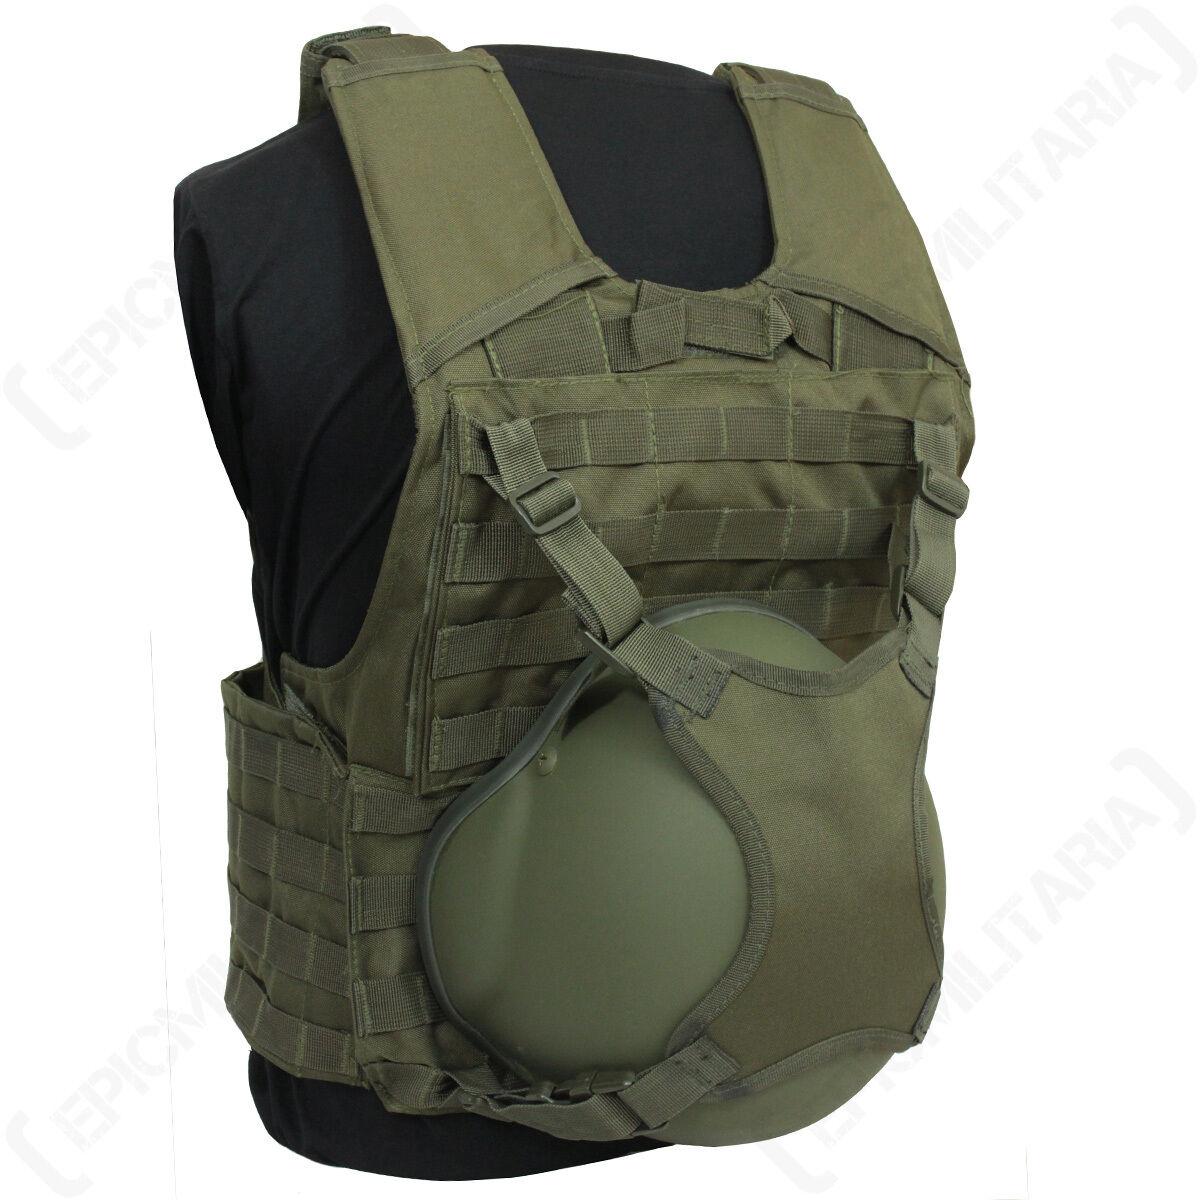 Vert Olive casque casque casque sangle de transport-MOLLE Sangle Transporteur SANGLE AIRSOFT ARMY Cadets 2366c3